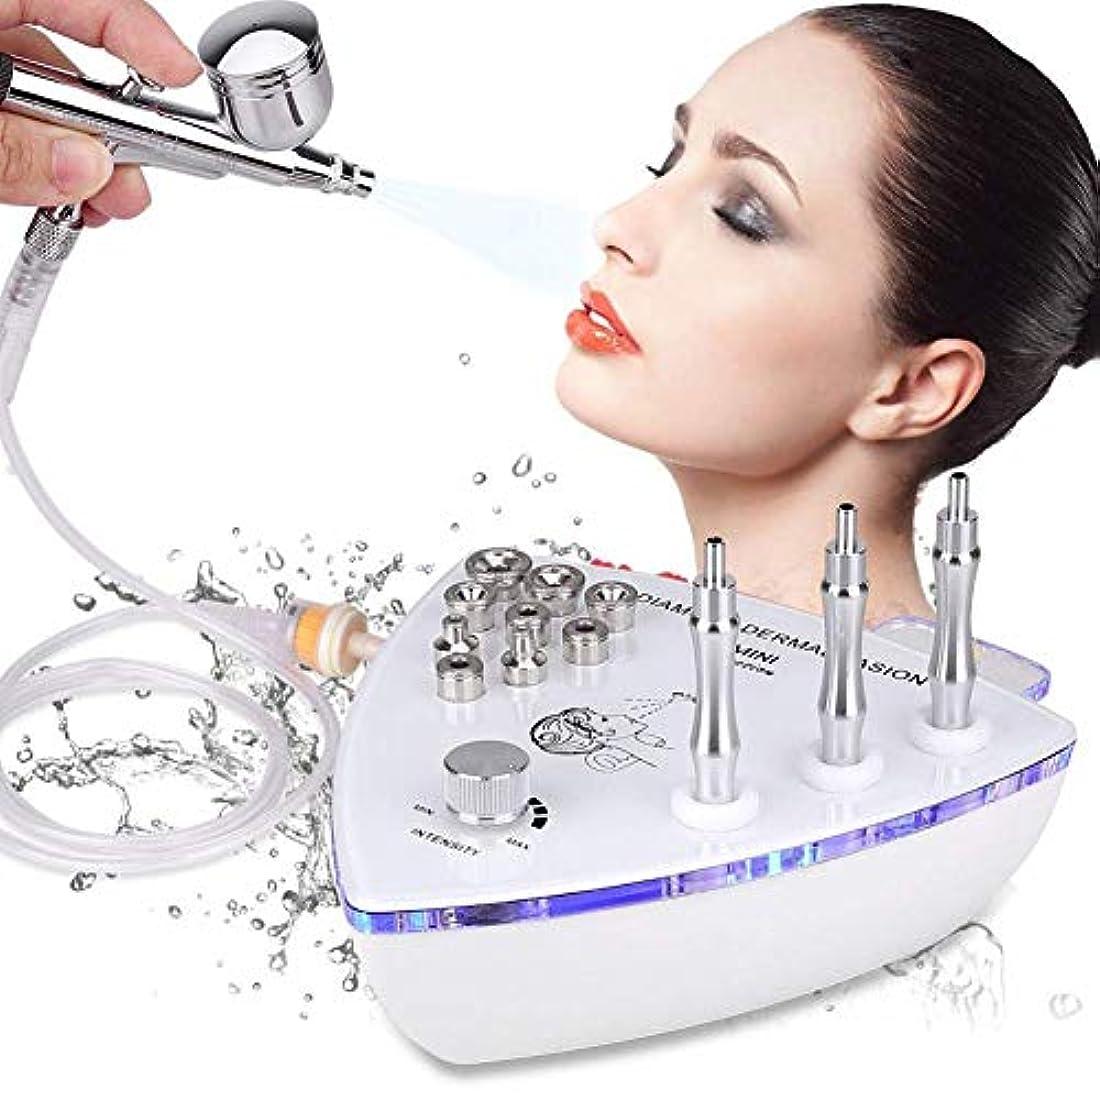 しない原稿そこスプレーガン水と美容機器 - ダイヤモンドマイクロダーマブレーション皮膚剥離機は真空吸引剥離フェイシャルマッサージ、しわフェイスピーリングマシン、顔の皮膚剥離装置スプレー